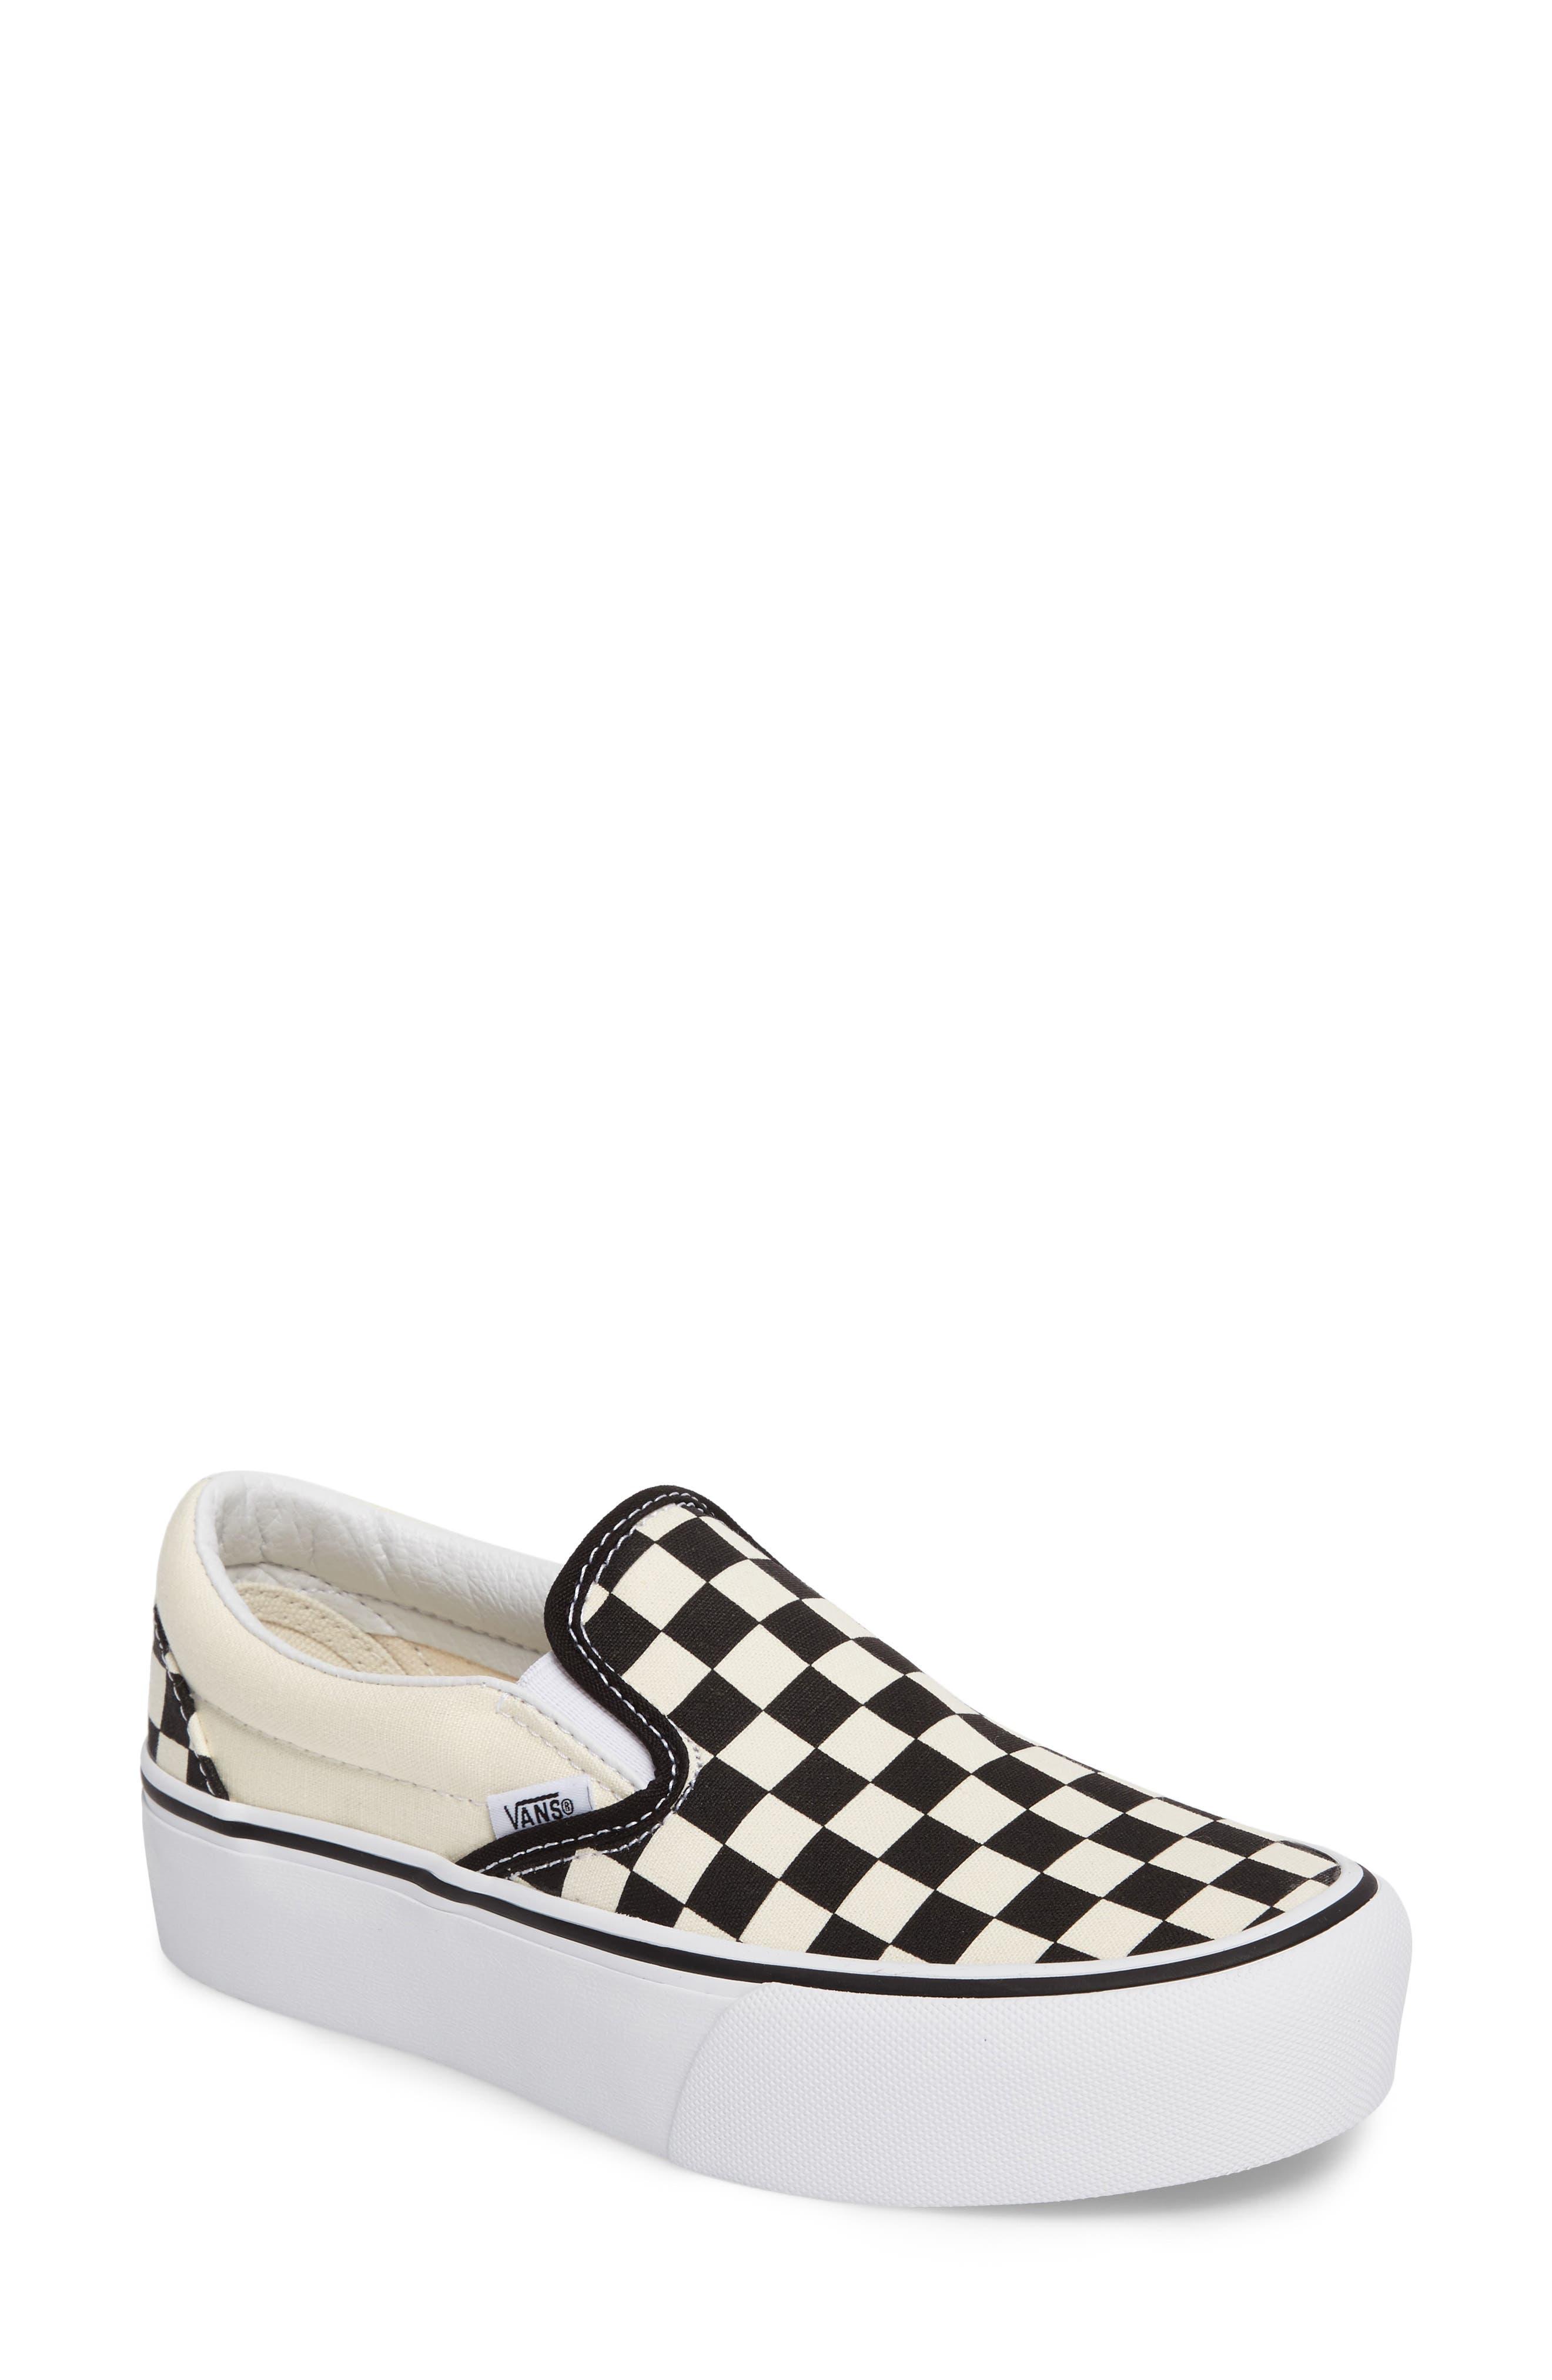 Platform Slip-On Sneaker,                         Main,                         color, Black/ Black/ White